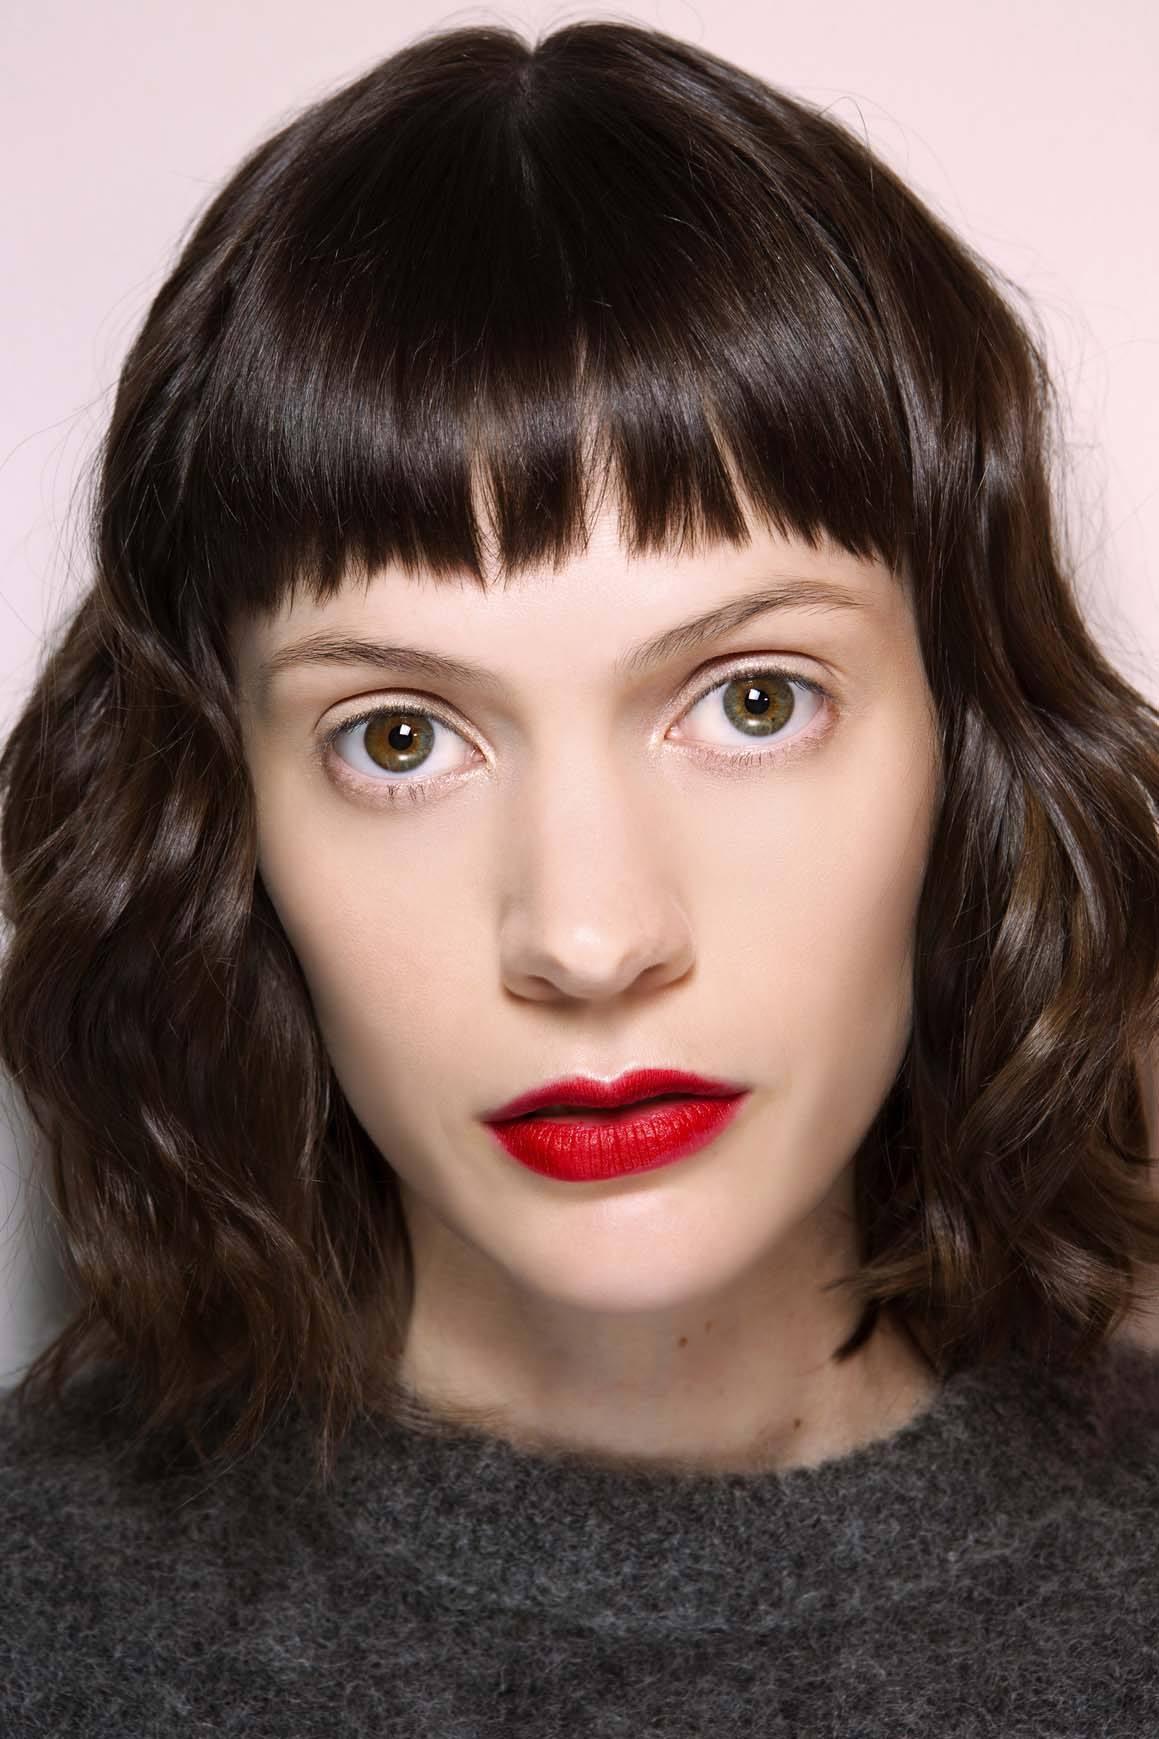 Frange courte: Femme aux cheveux ondulés marron foncé brillants avec micro frange et rouge à lèvres.